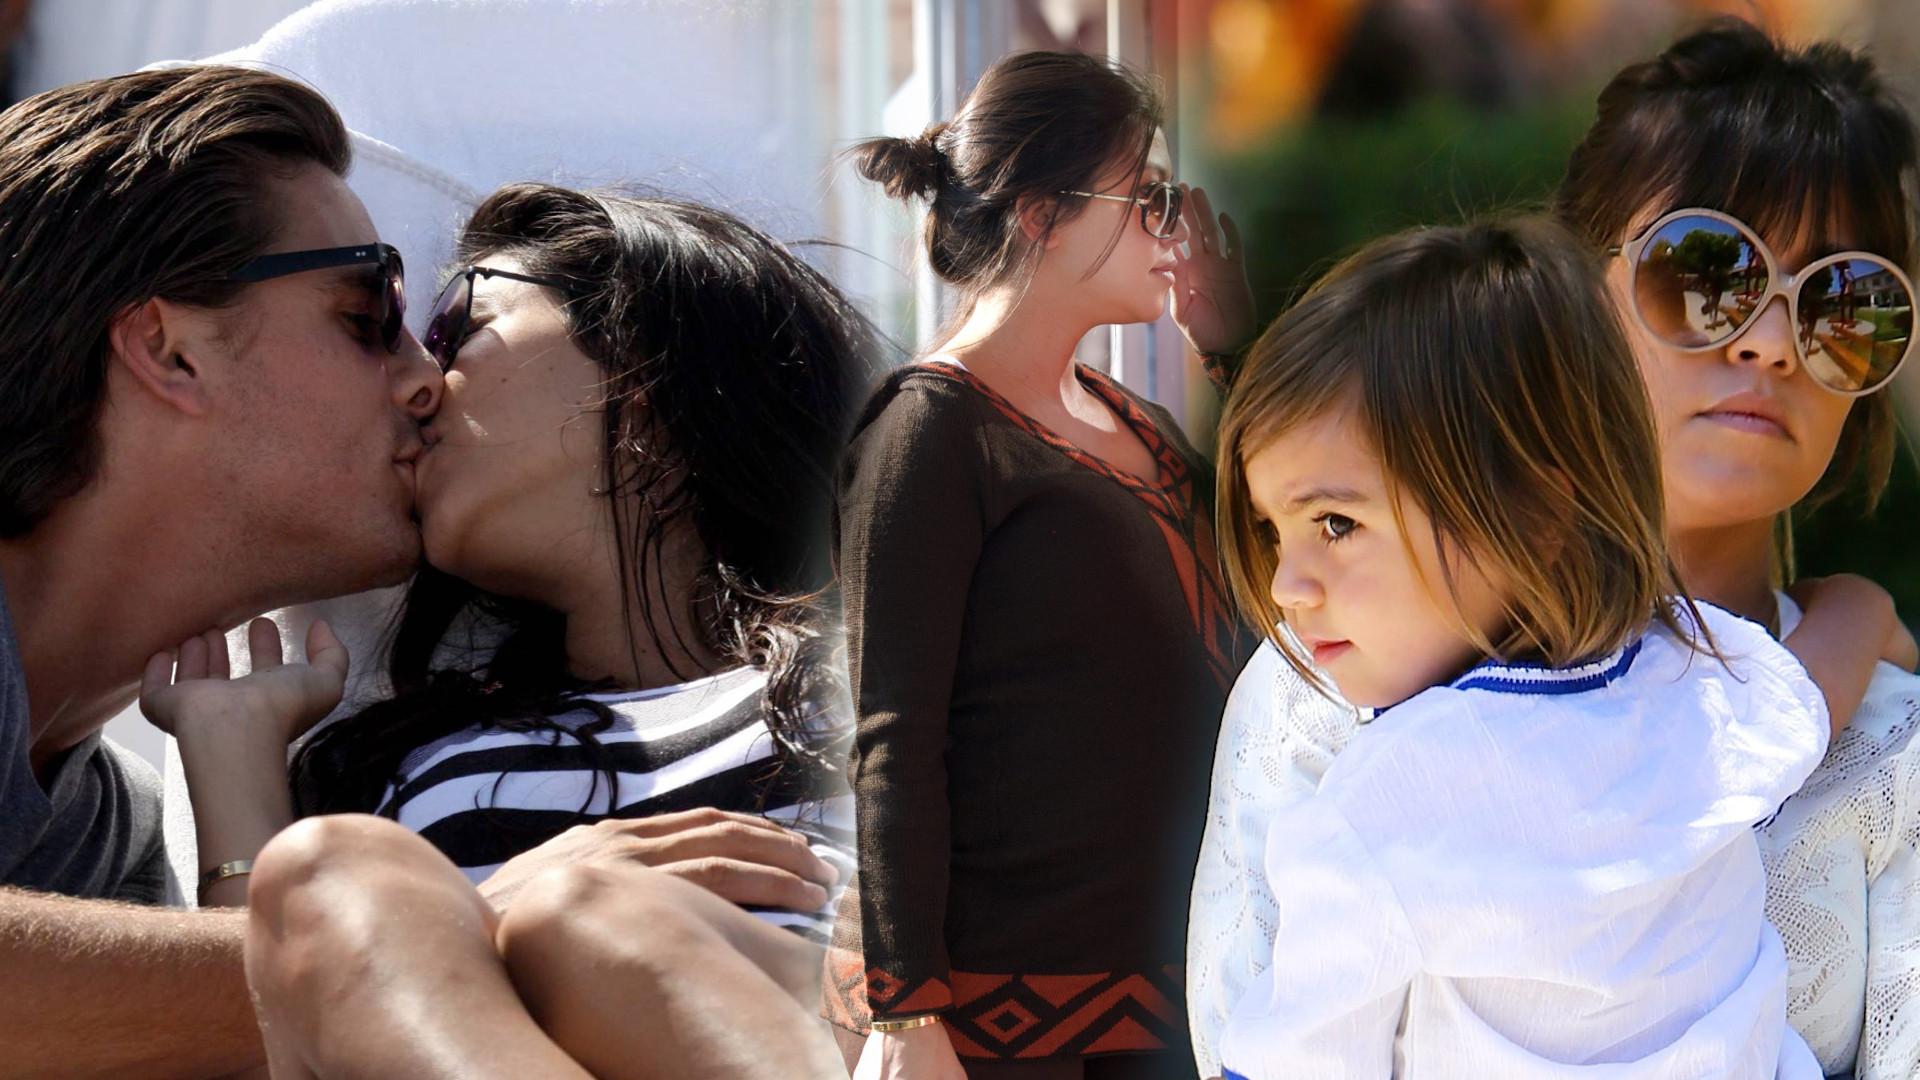 Kourtney Kardashian 10 lat temu, gdy była w ciąży. Trochę się zmieniła, ale spójrzcie na Scotta! (ZDJĘCIA)